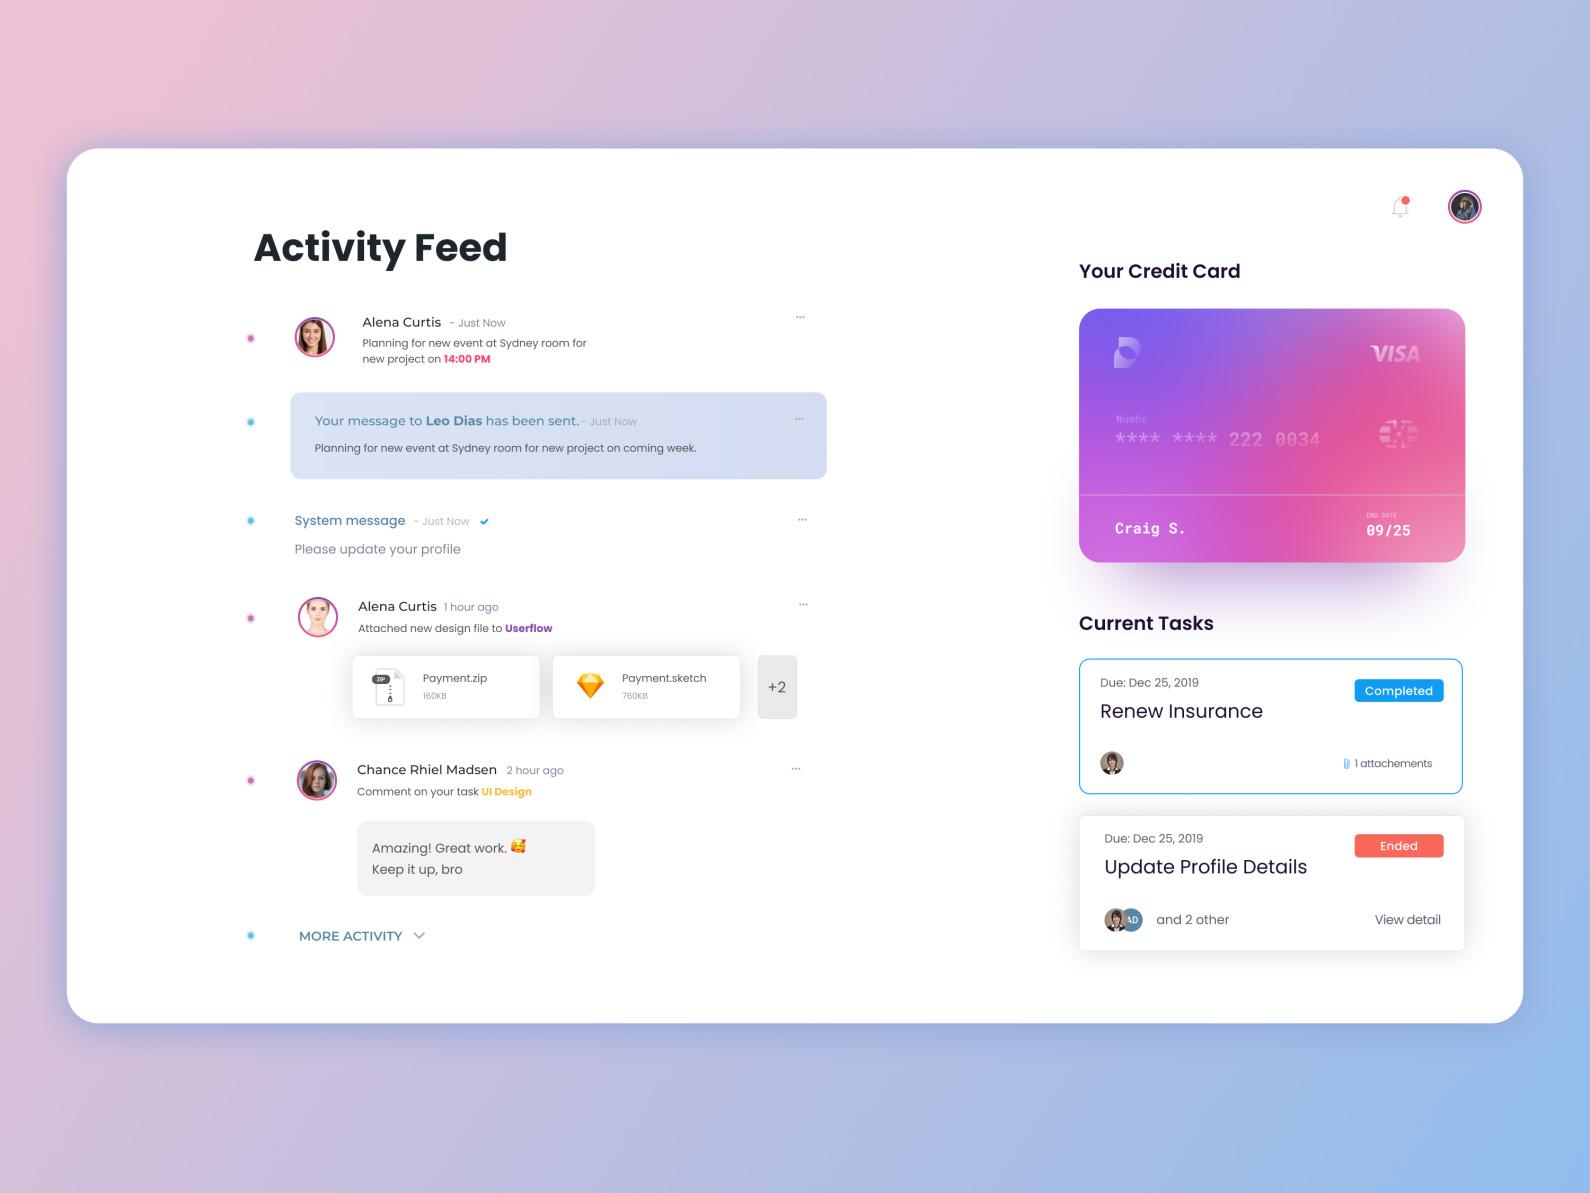 活动/日程任务用户界面UI模板插图